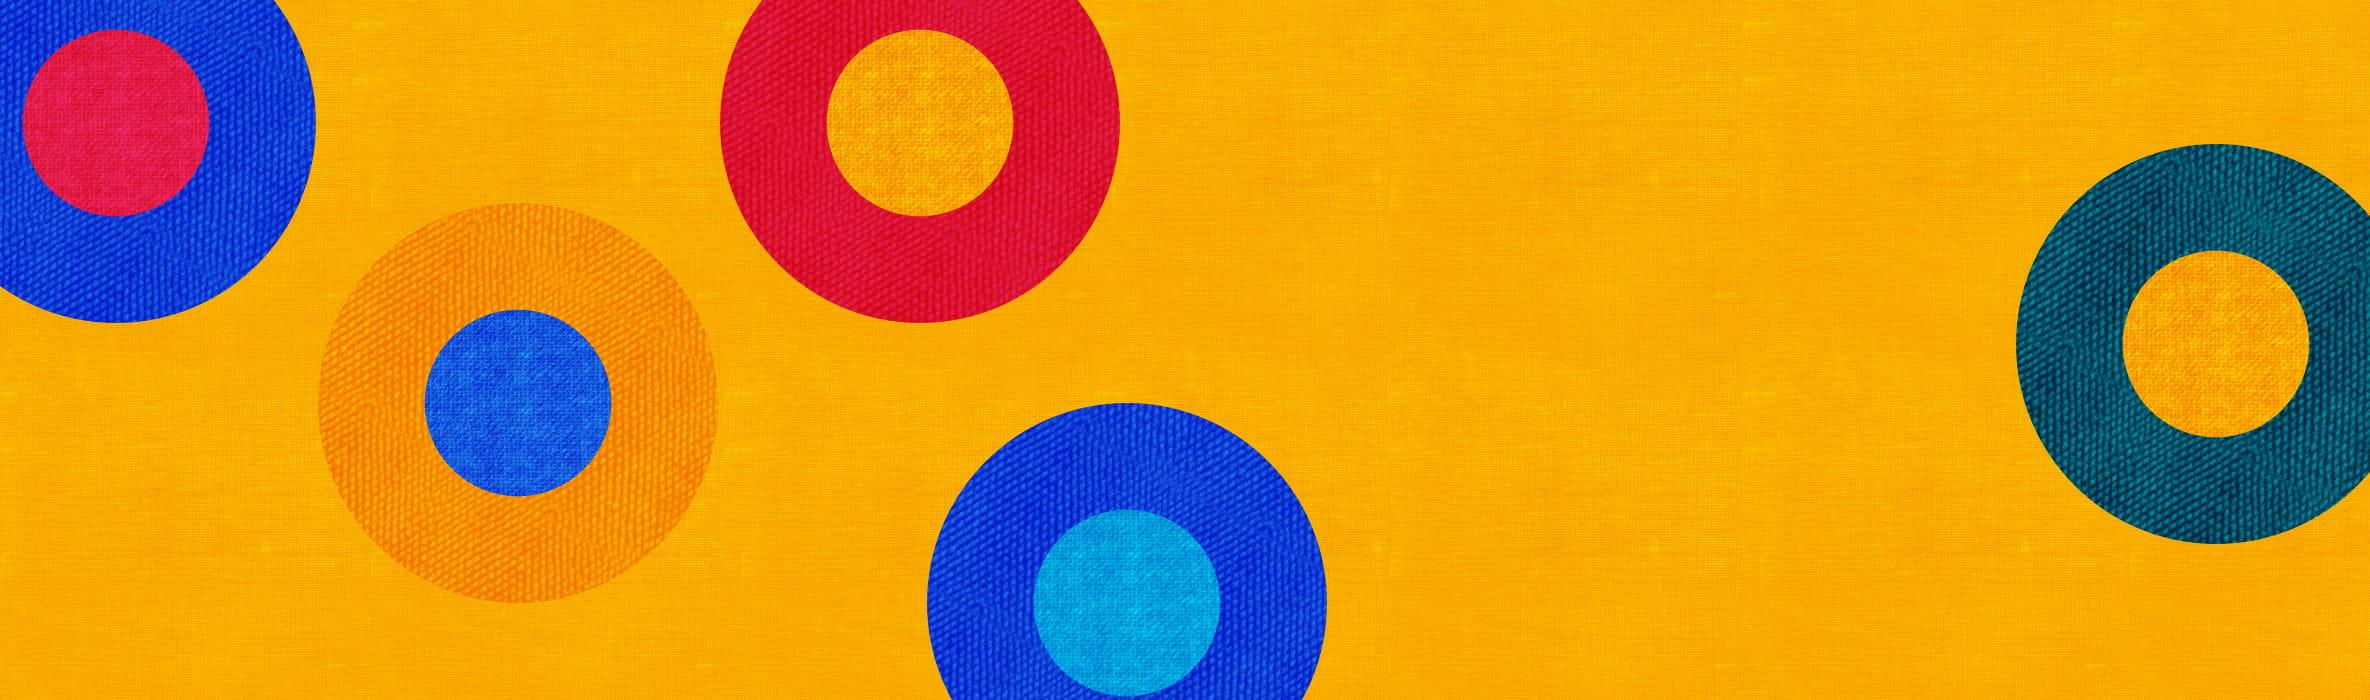 Разноцветный круг на оранжевом фоне